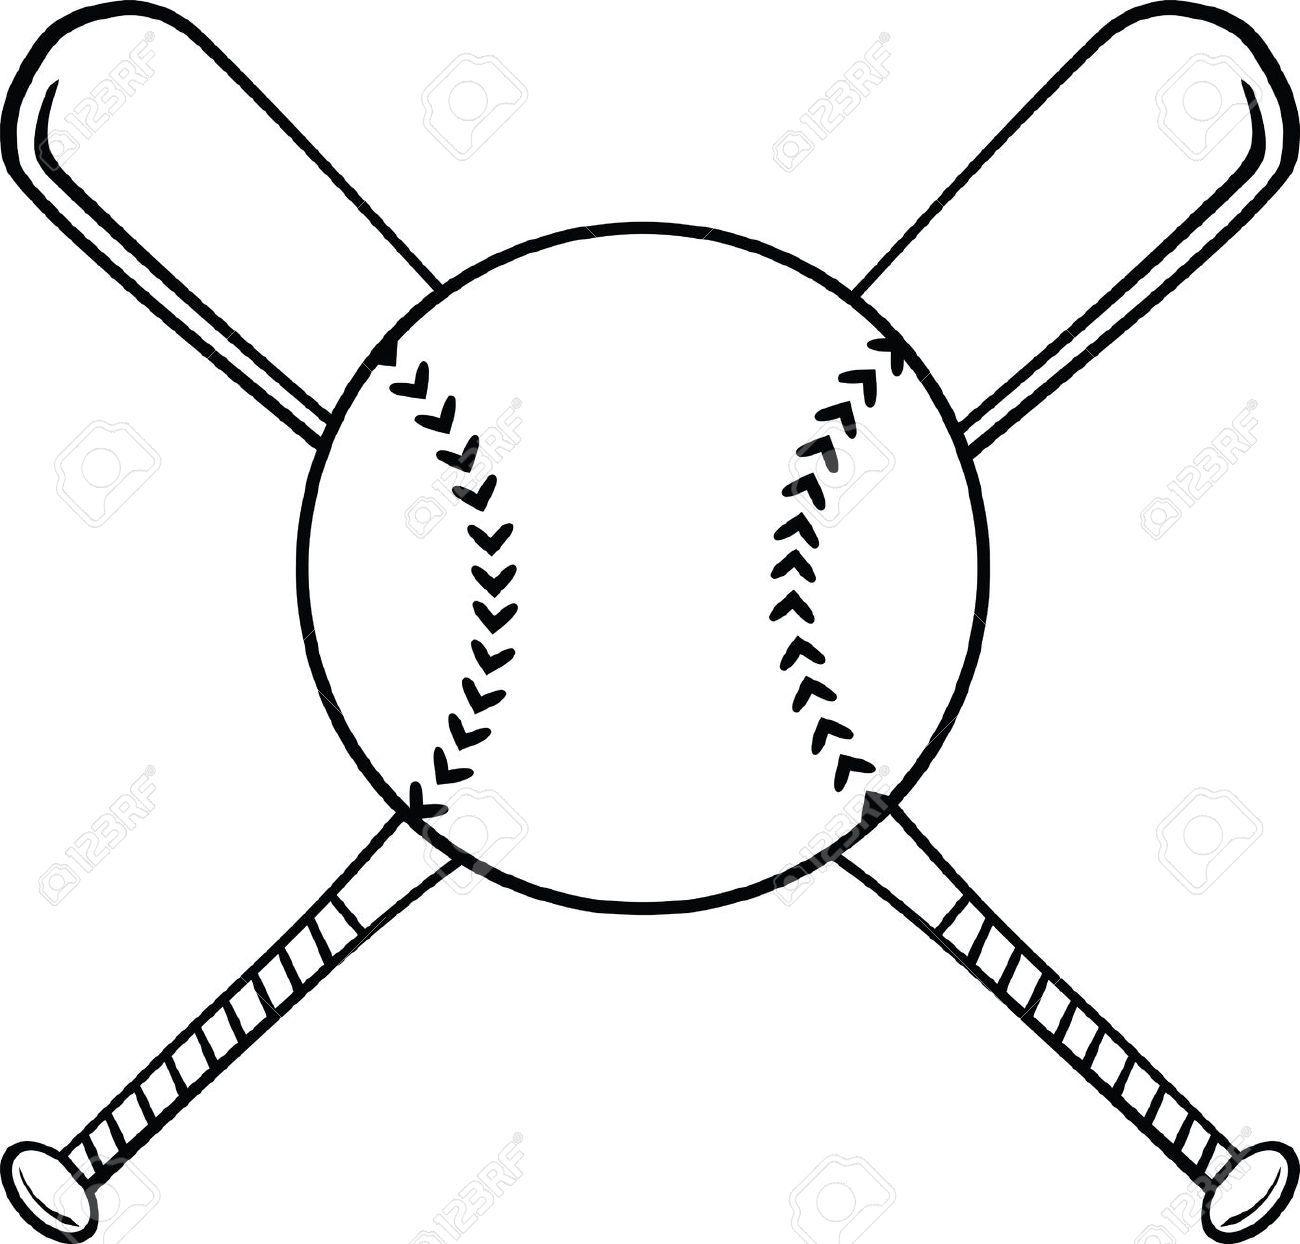 baseball c k